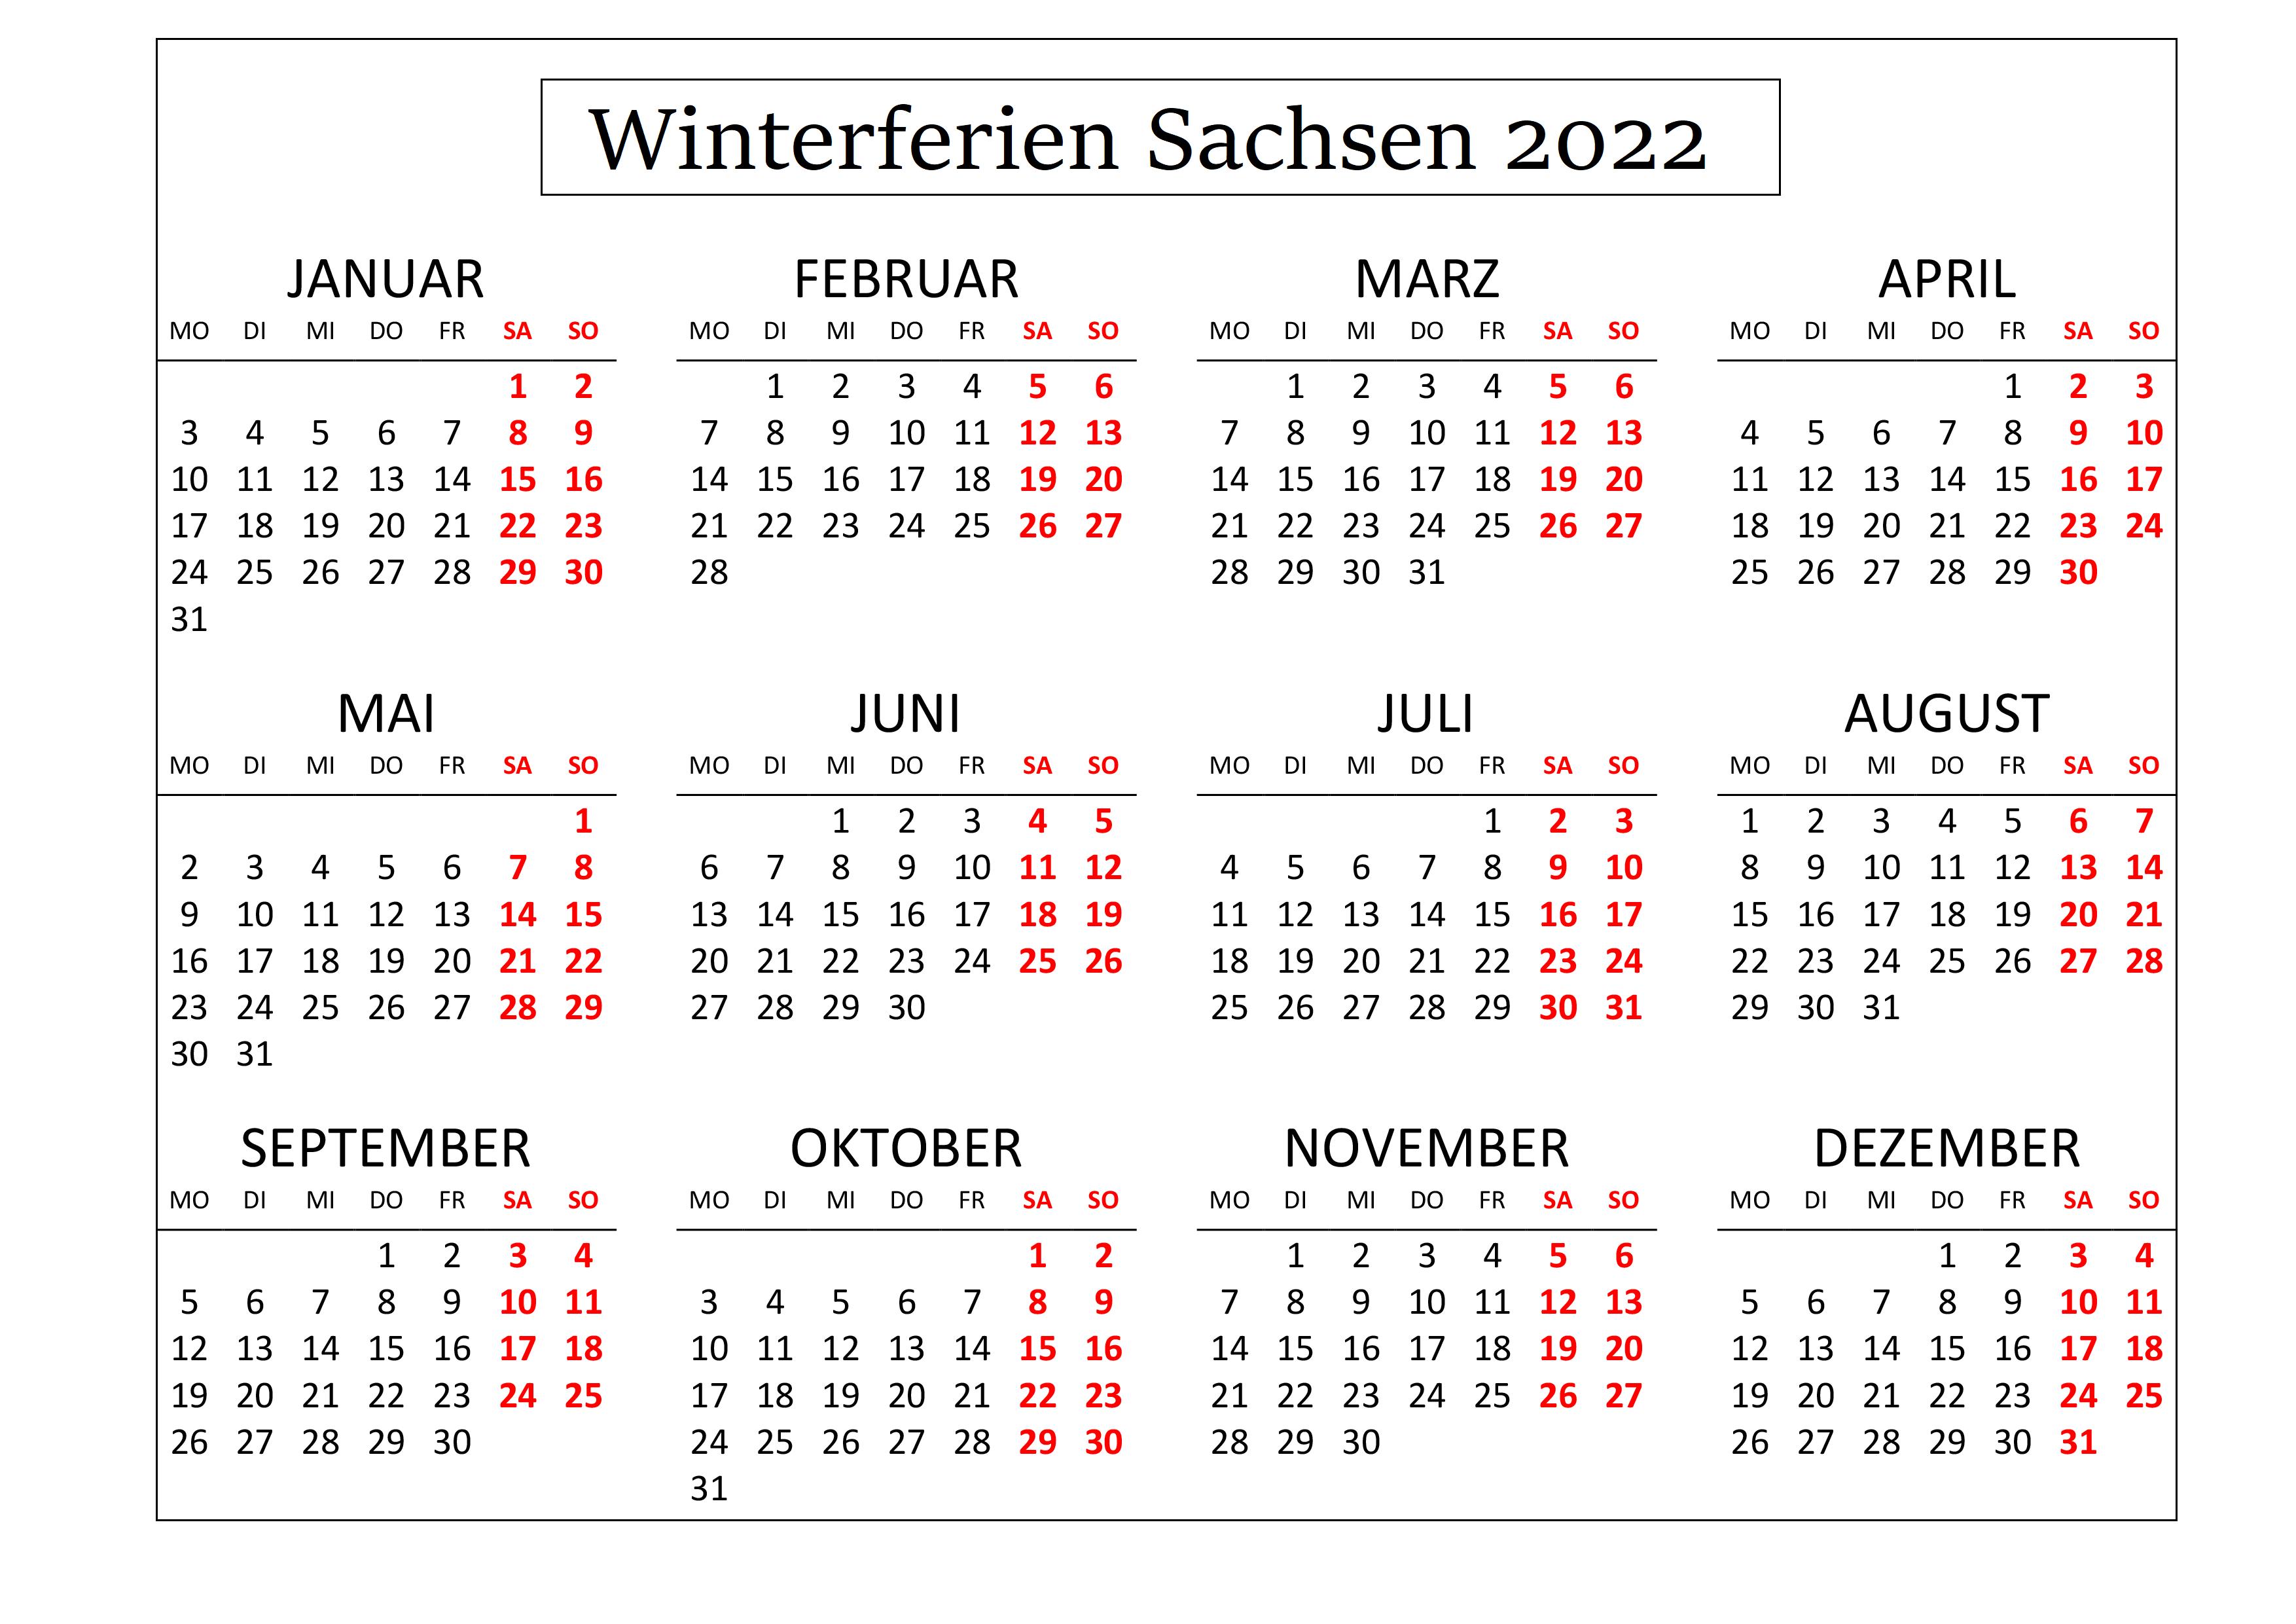 Winterferien Sachsen 2022 Kalender